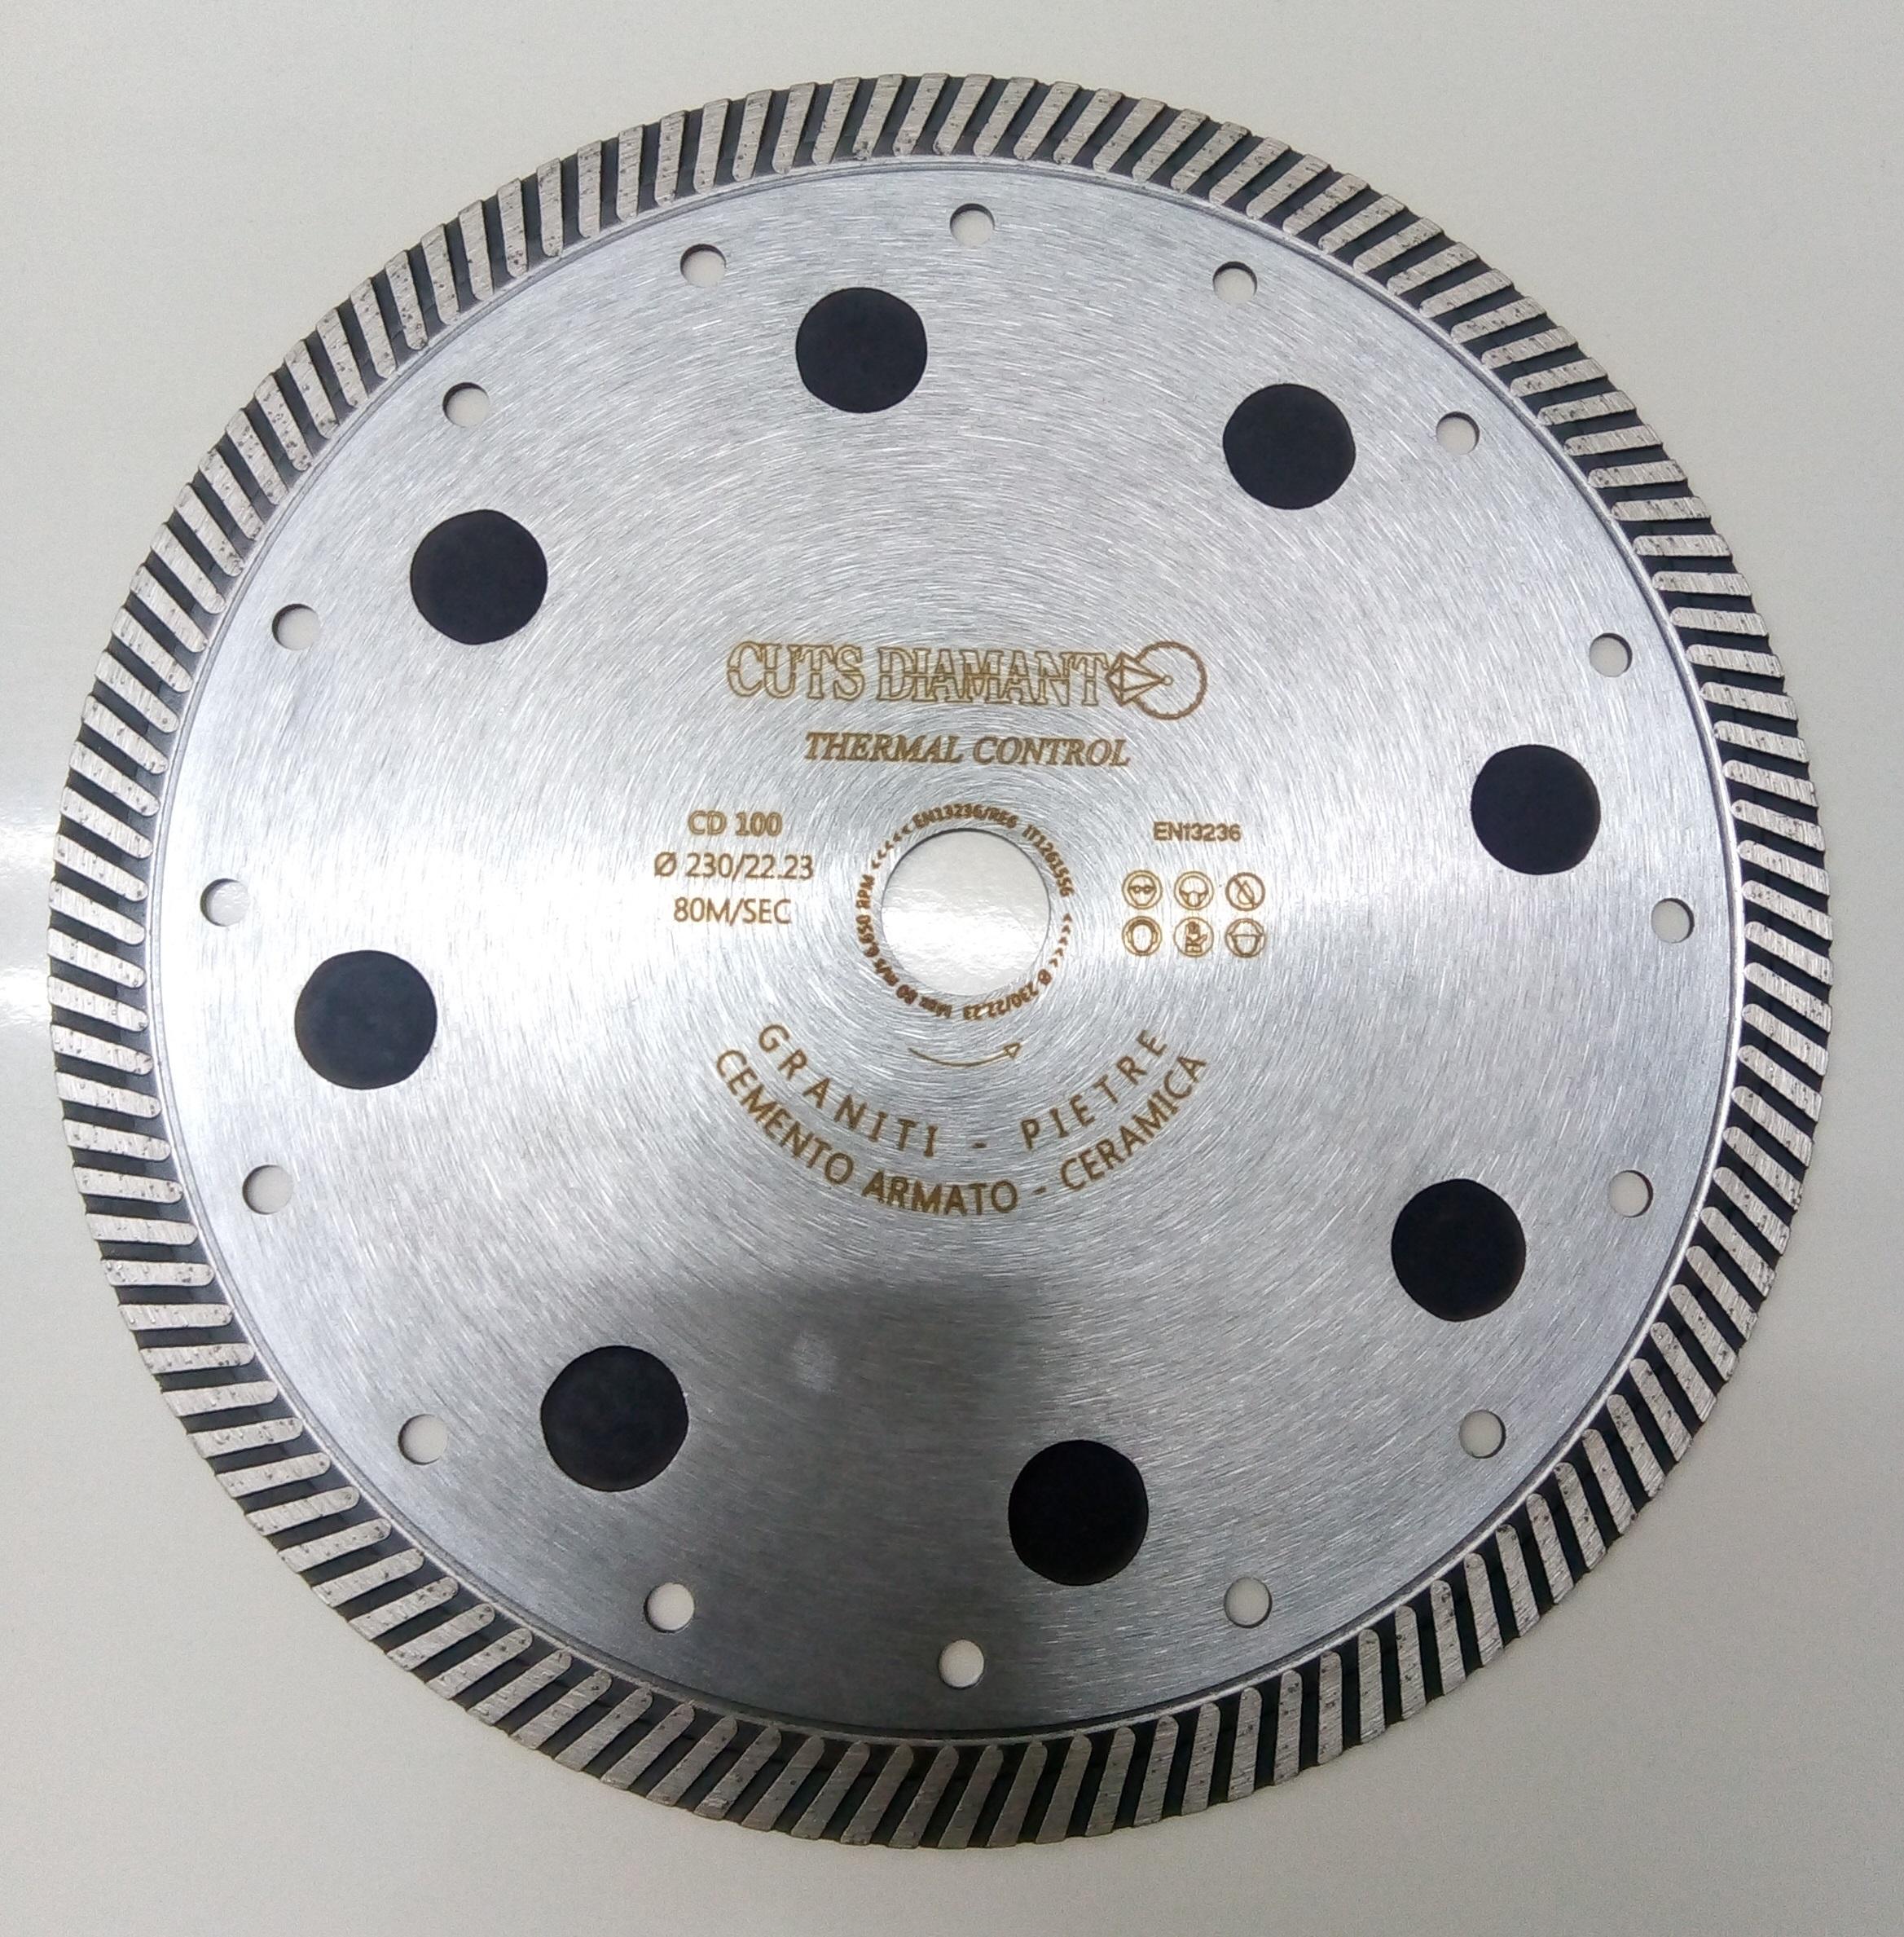 Diamantscheibe mit thermischen Sensoren